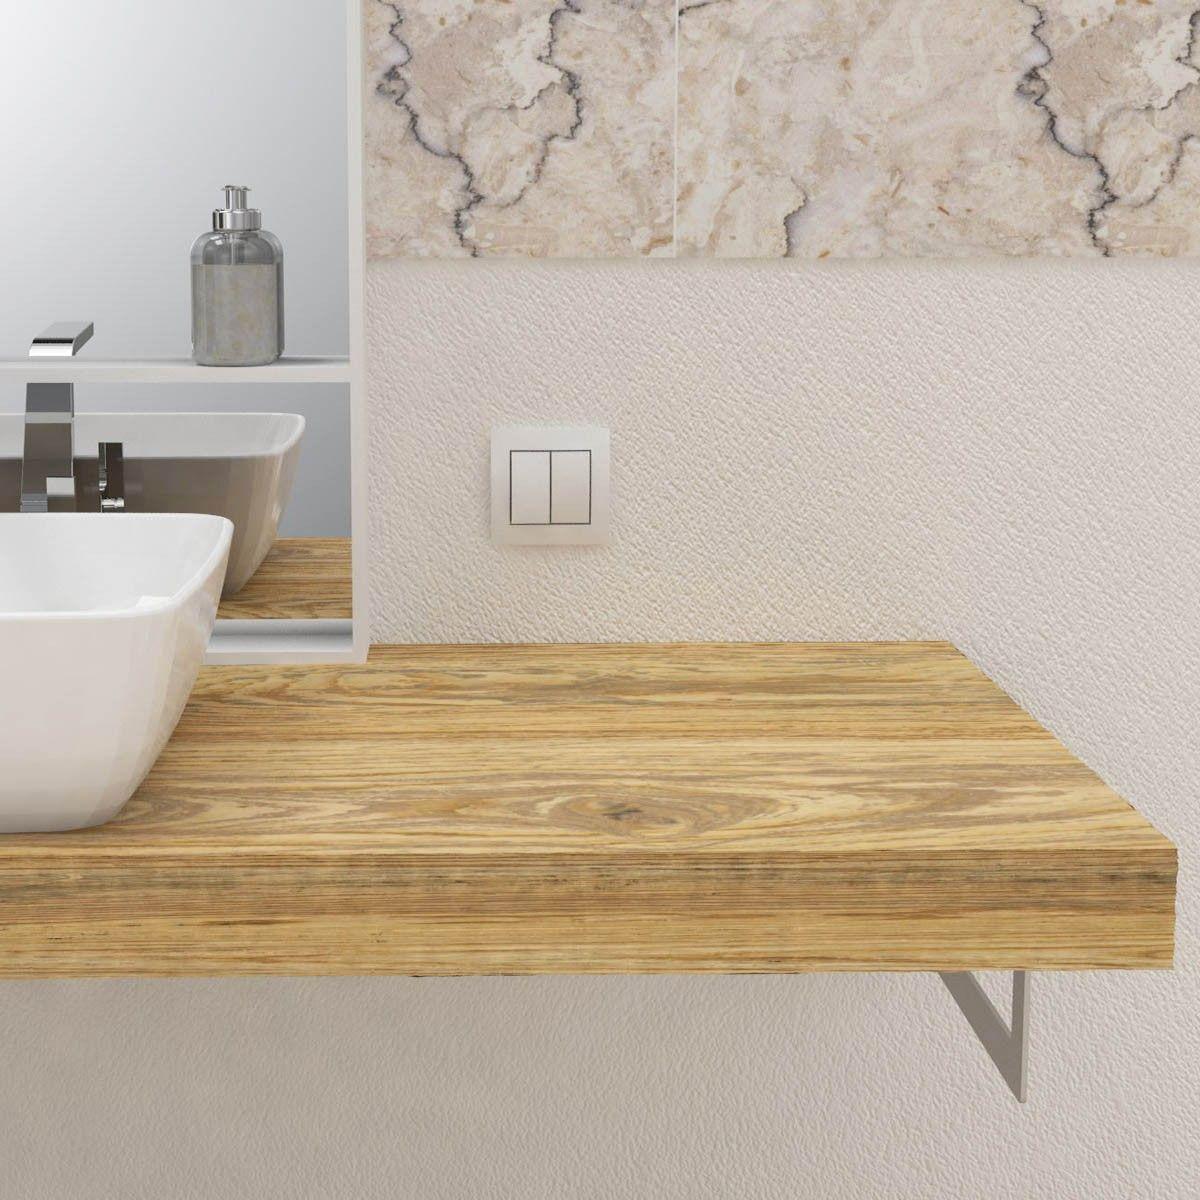 Mensola per lavabo in legno massello | Bath